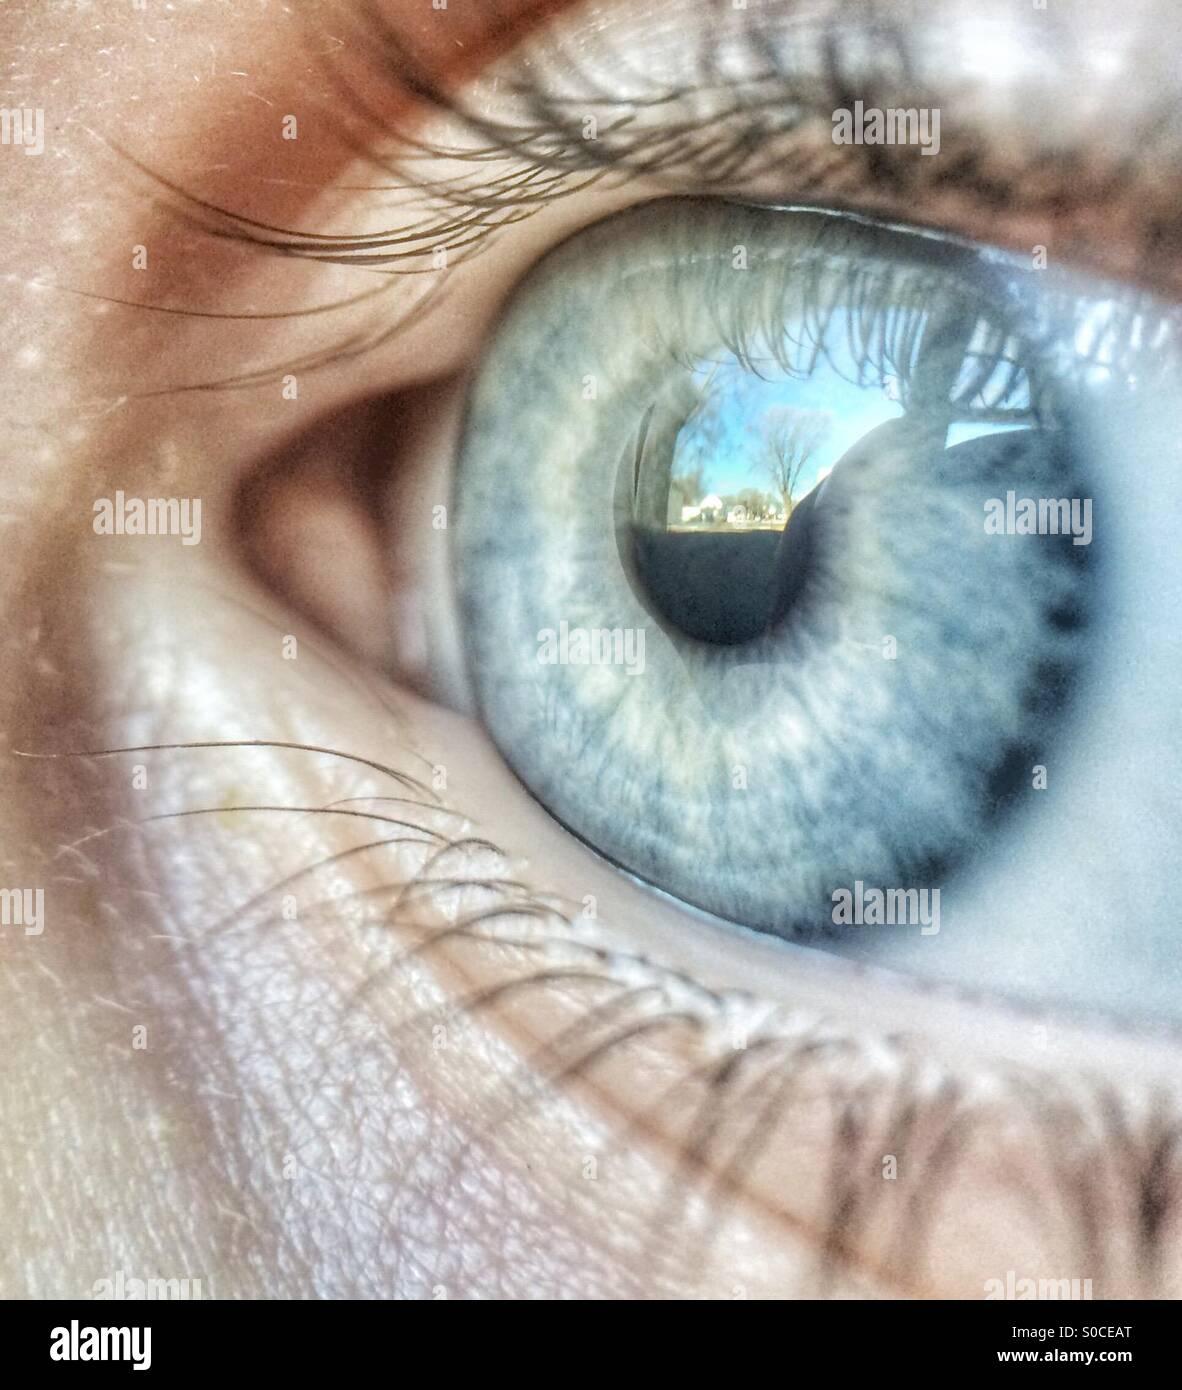 Macro Fotografía de un ojo del niño reflejando la escena que está mirando Imagen De Stock